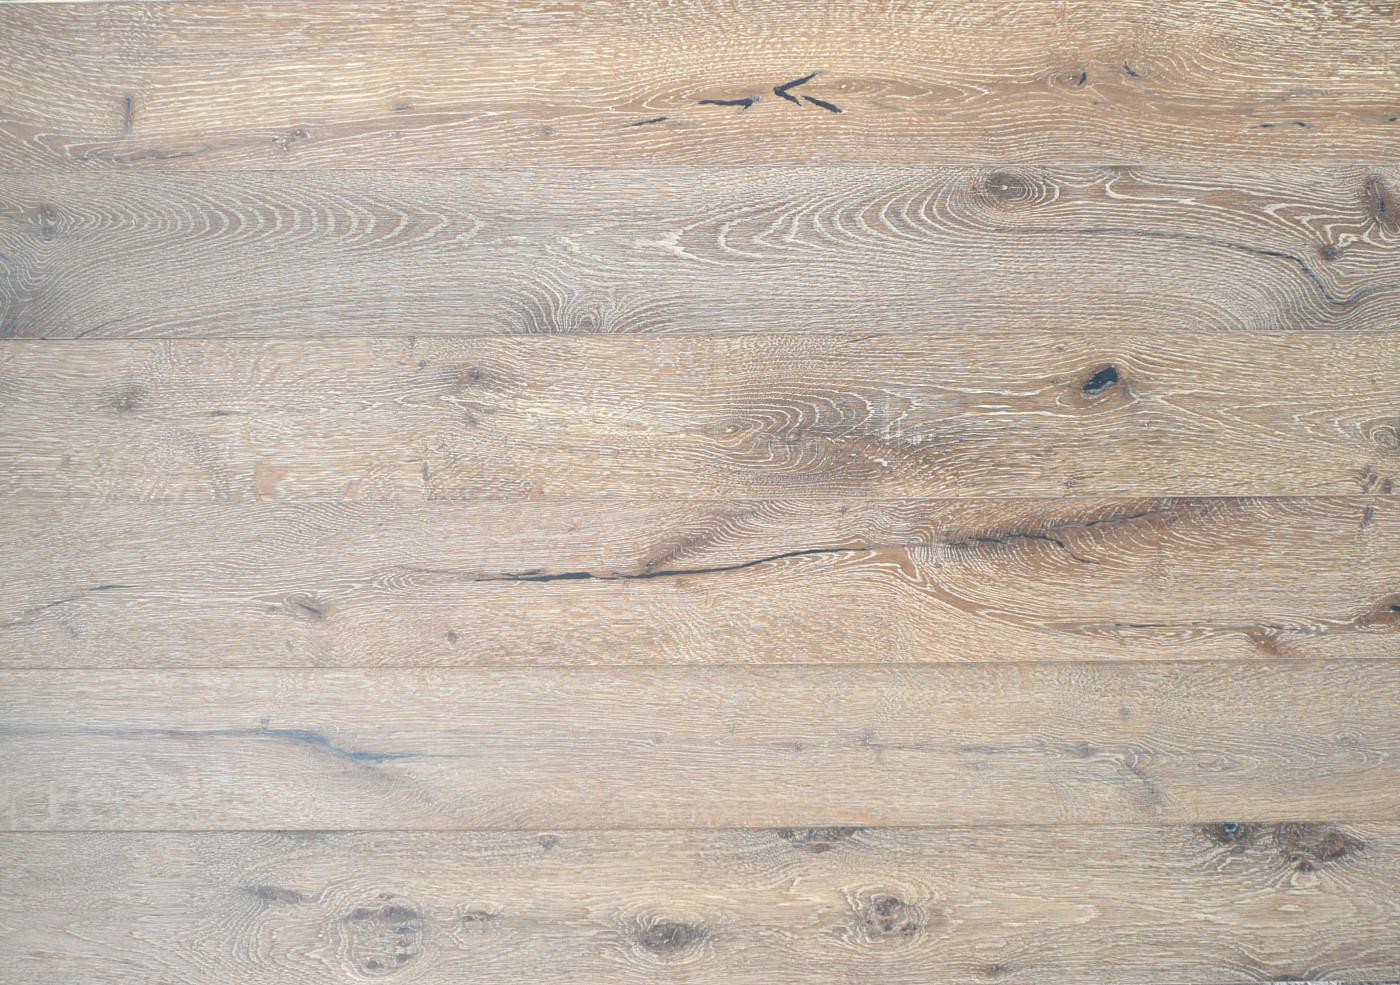 Visgraat Vloer Keuken : Eiken visgraat vloer van der heijden vloeren